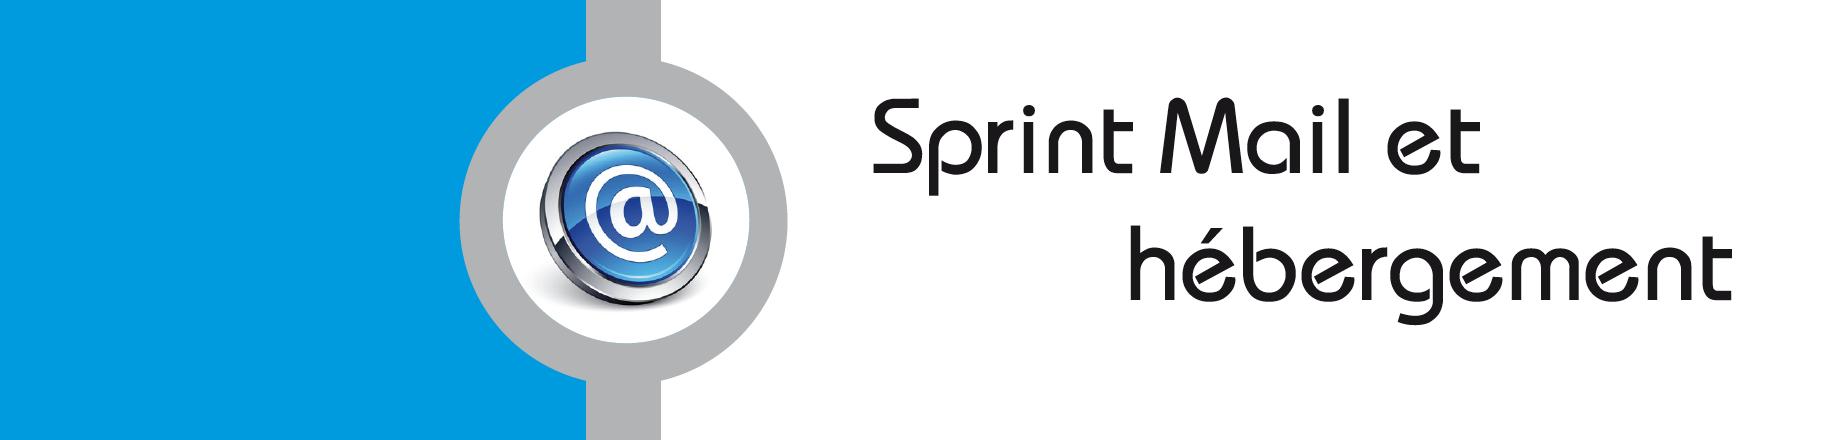 Sprint Mail et hebergement